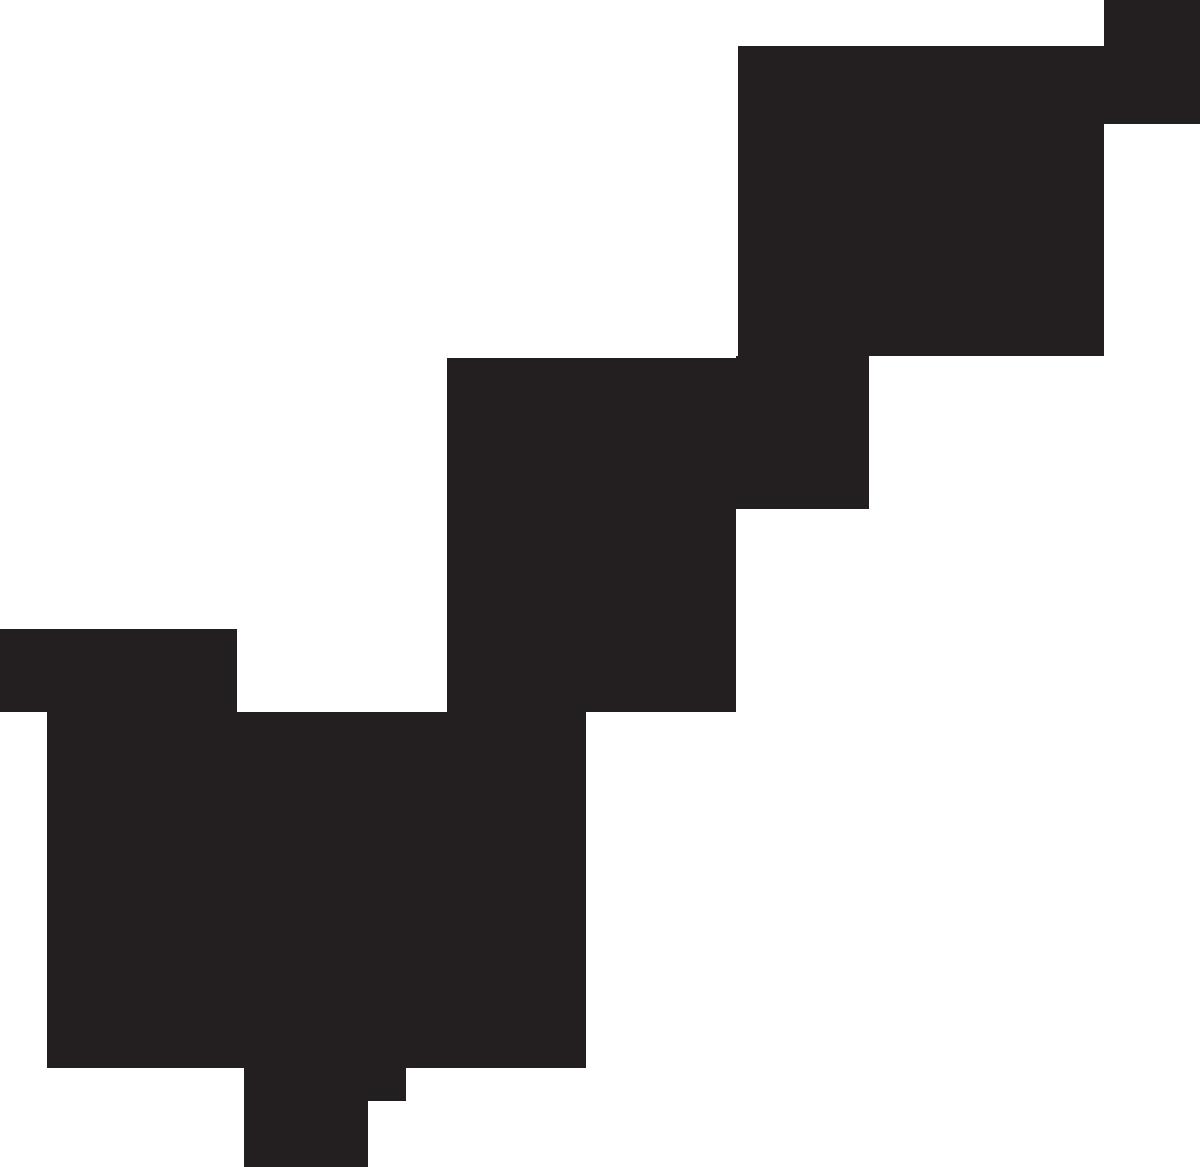 524-5246739_check-mark-emoji-symbol-royalty-free-clip-art.png